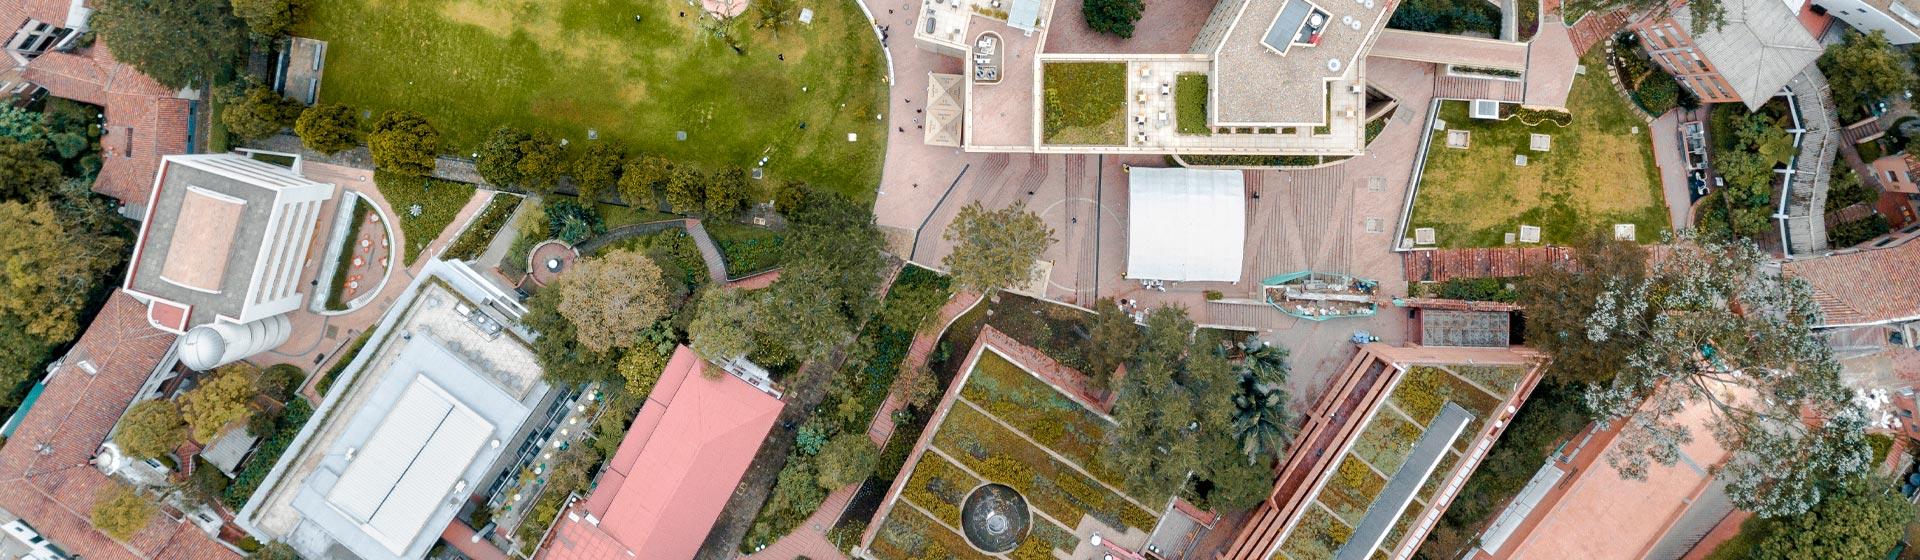 Las criterios de admisión para los pregrados de la Universidad de los Andes cambiaron por una vez para el segundo semestre del 2020.